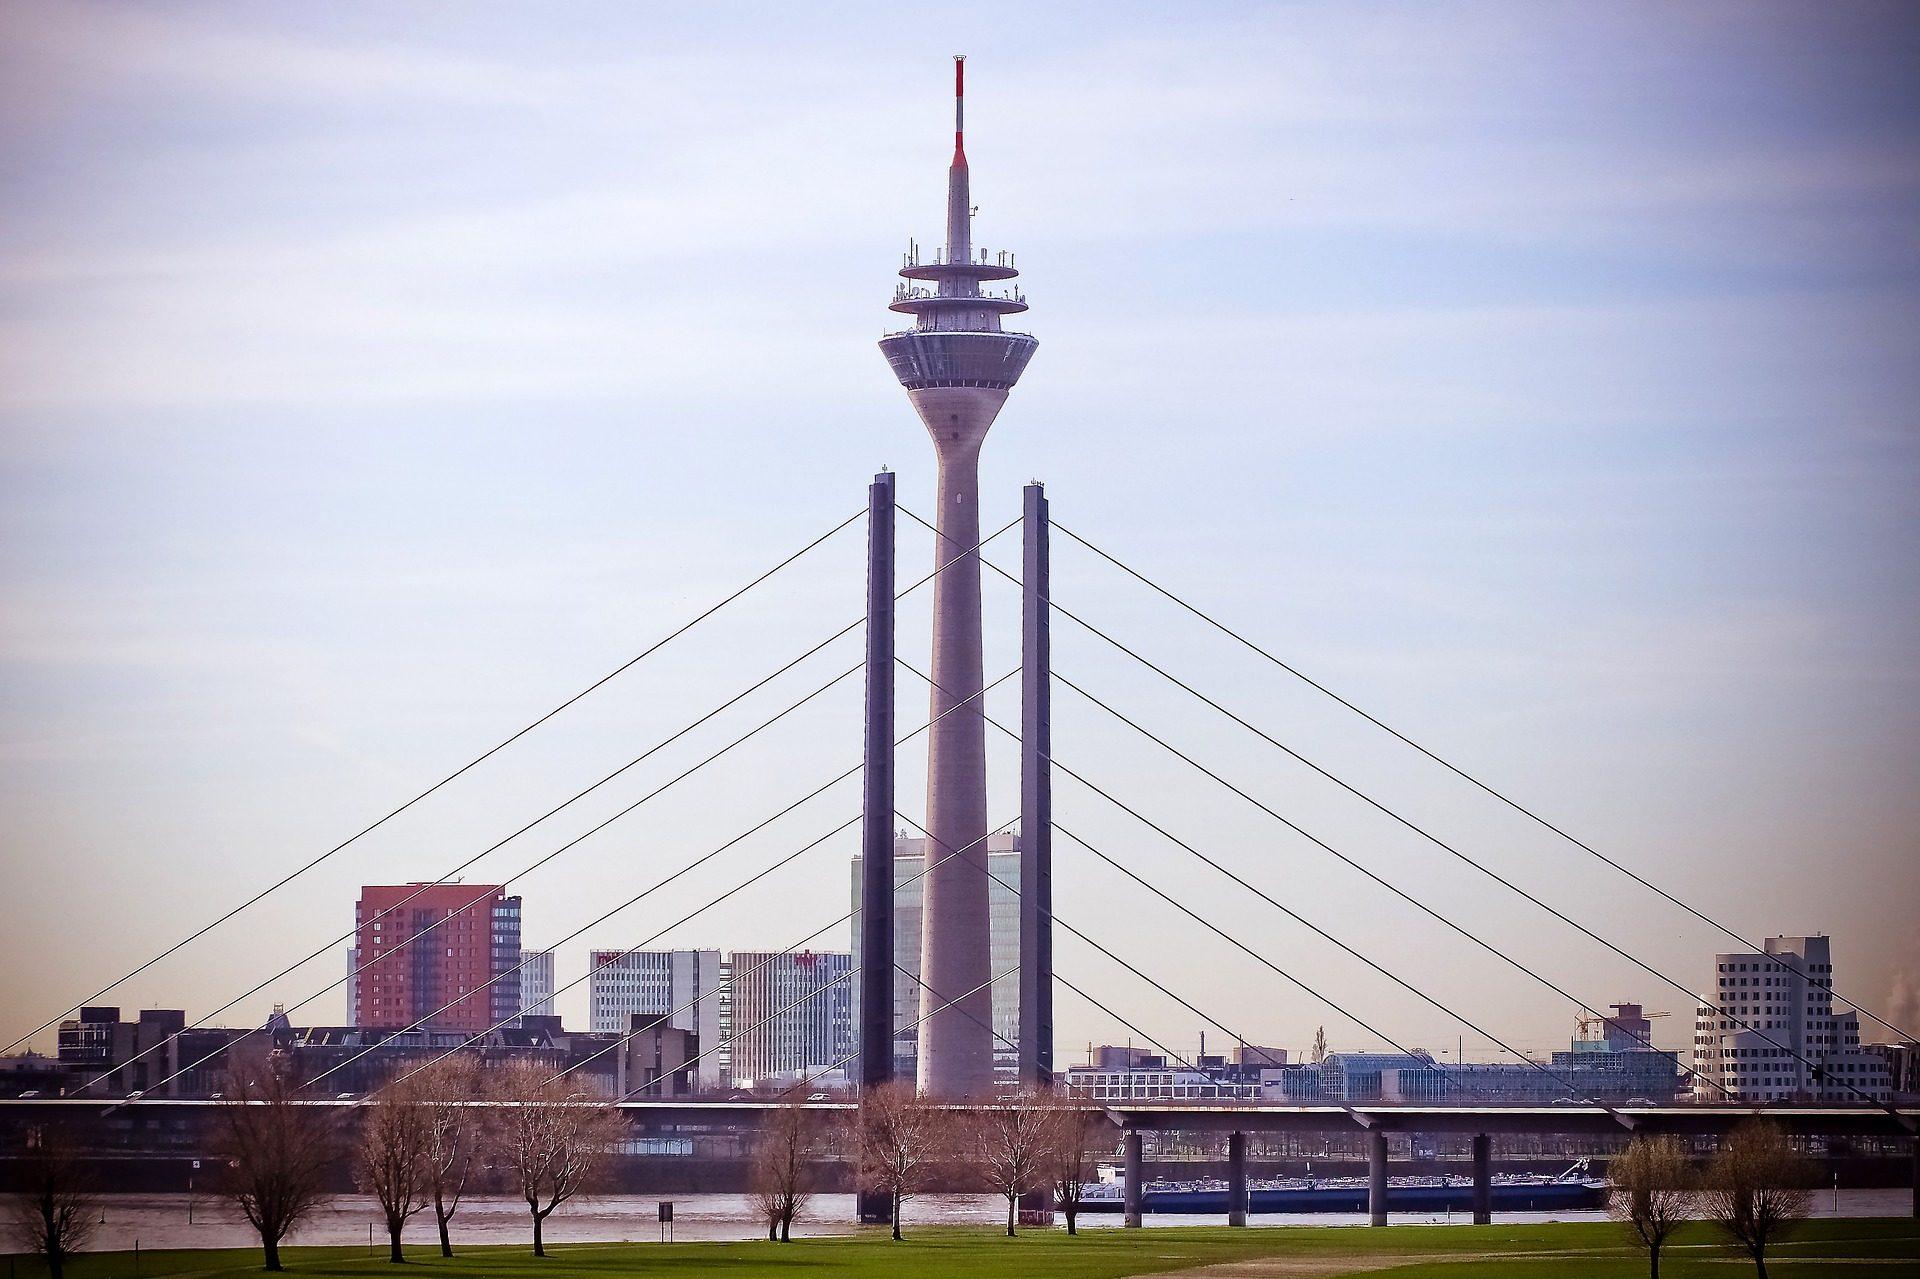 Silvester feiern in Düsseldorf 2 Nächte ab 74,50€ p.P + Frühstücksbuffet